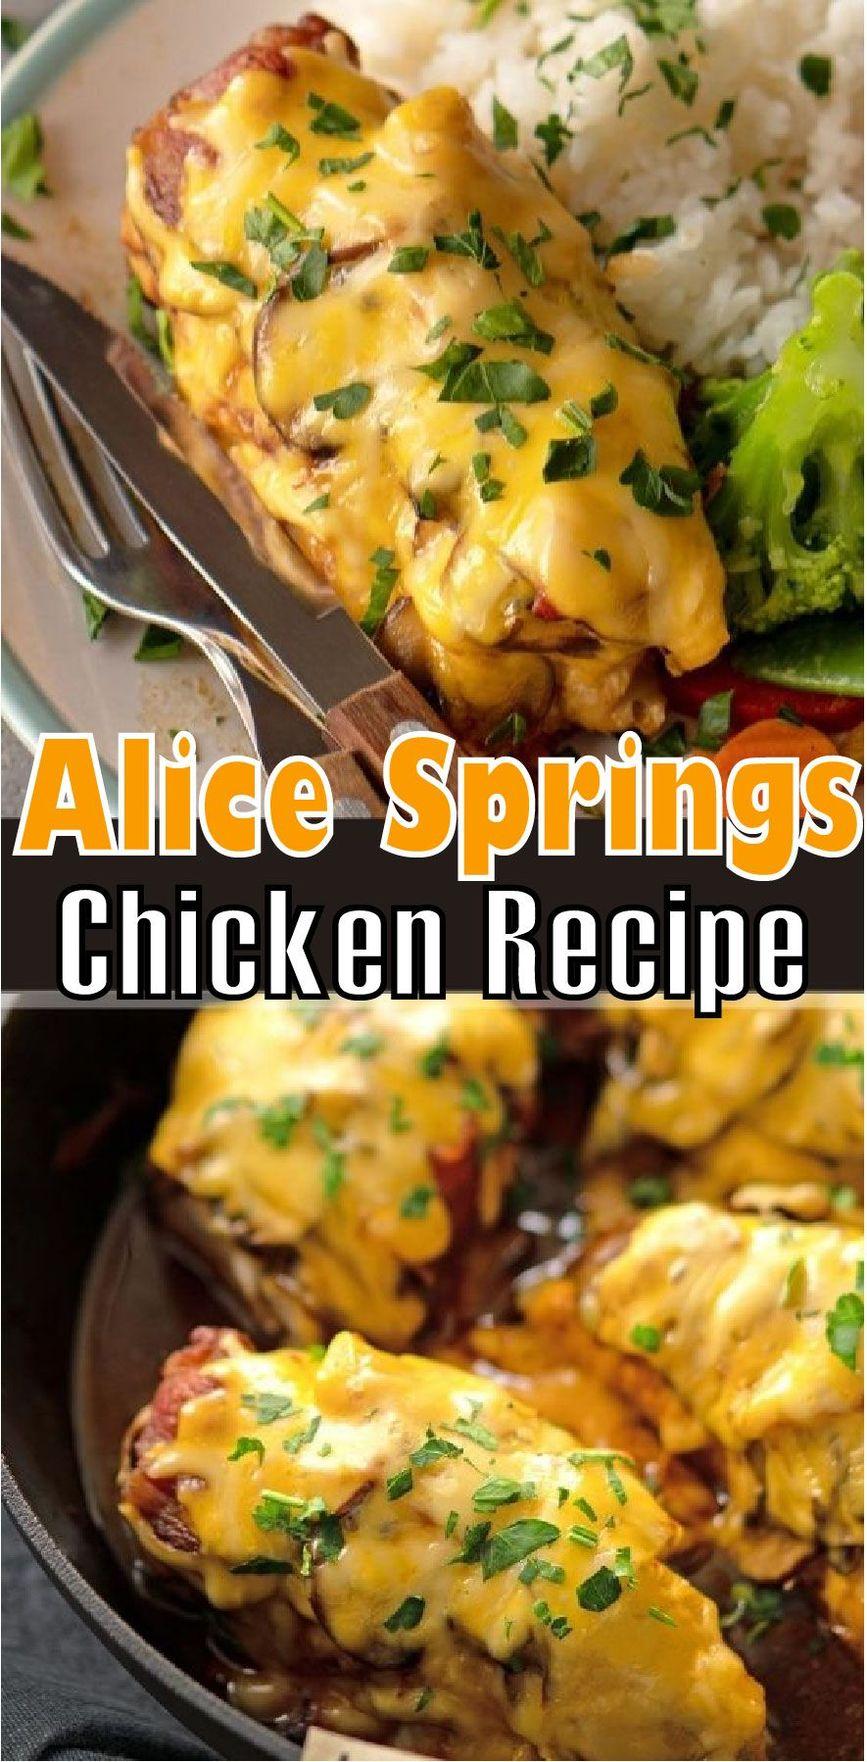 Alice Springs Chicken Recipe (Outback Copycat)